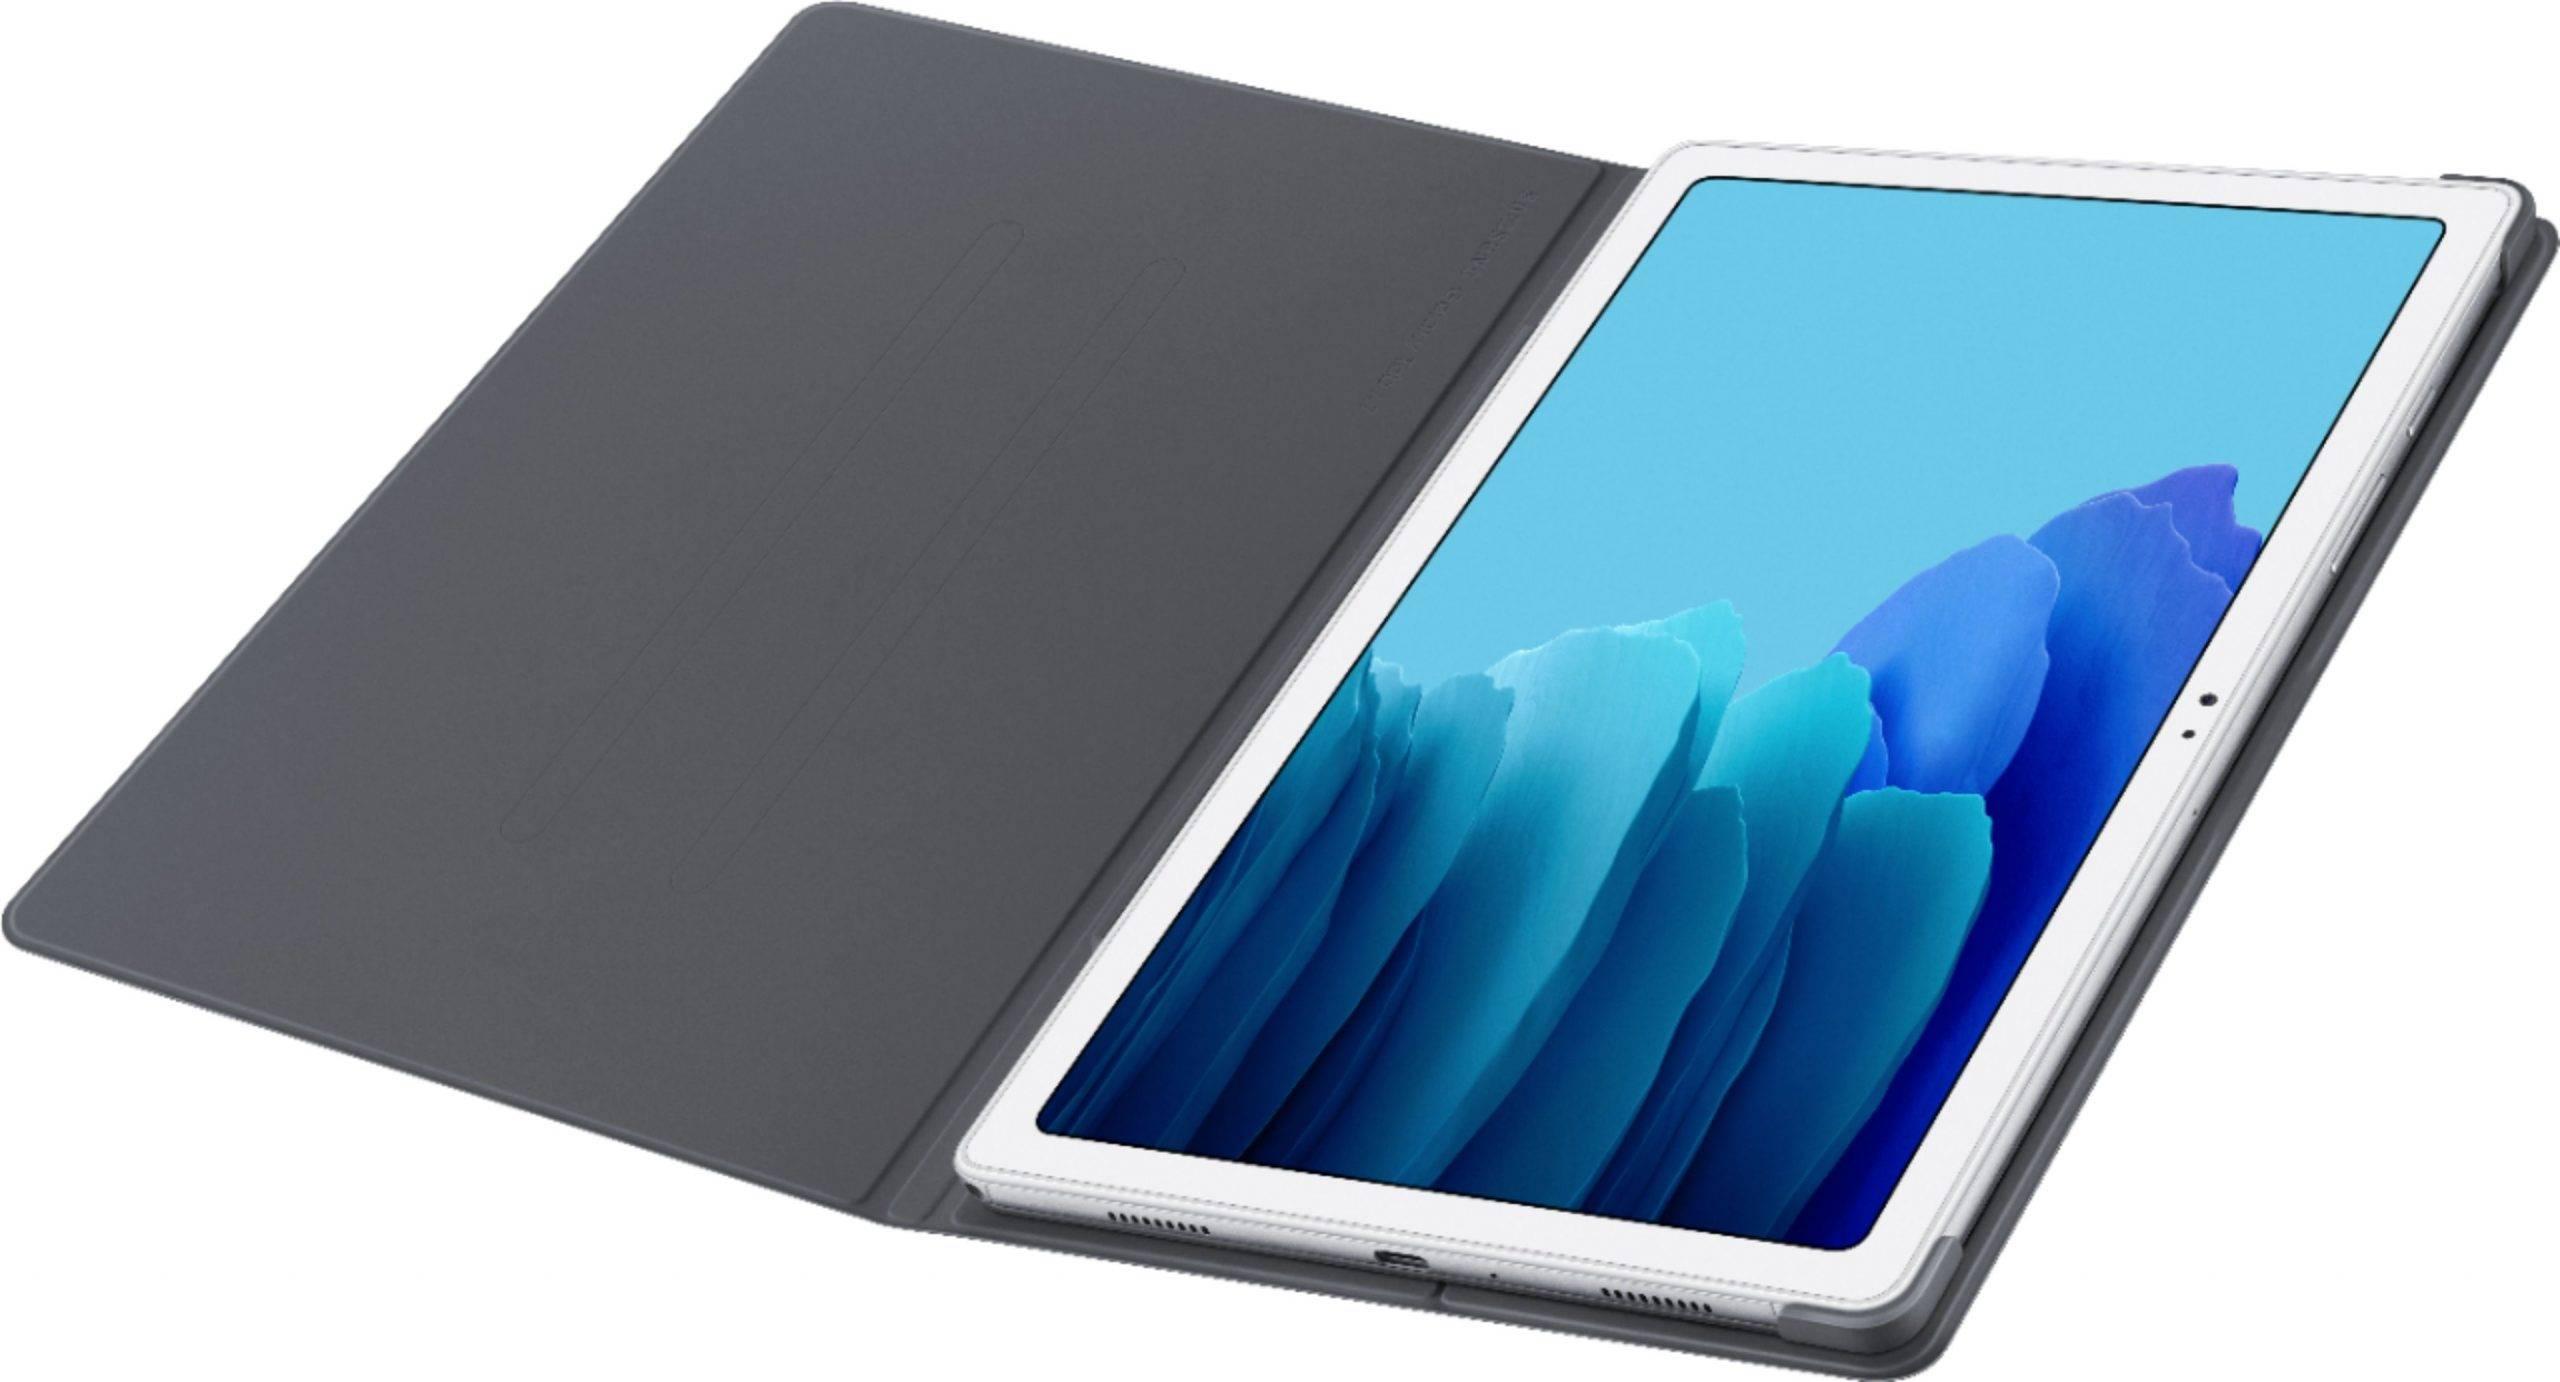 SAMSUNG Galaxy Tab A7 10.4″ WiFi Tablet